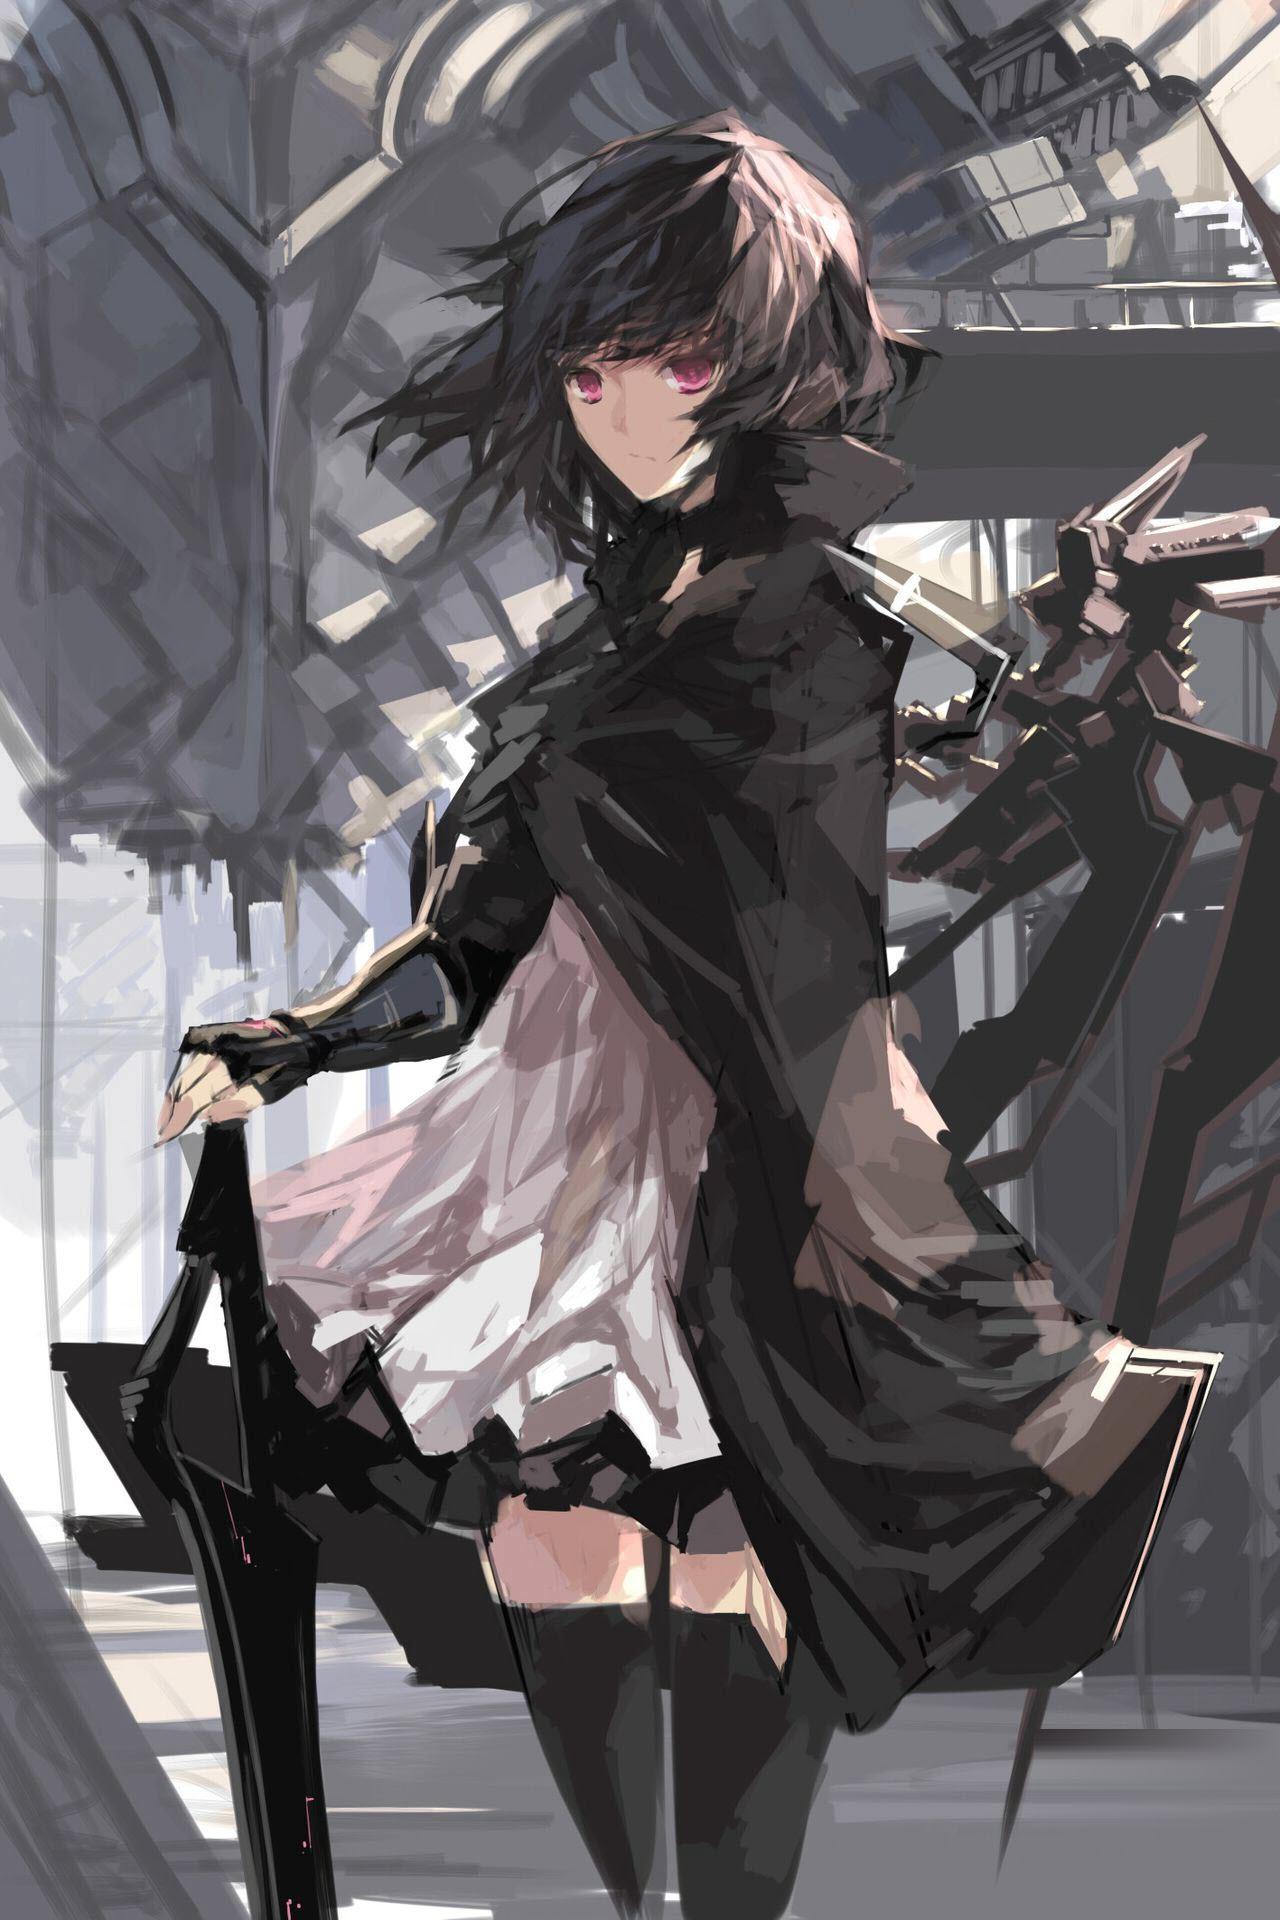 Ảnh anime nữ tóc đen ngắn bao ngầu